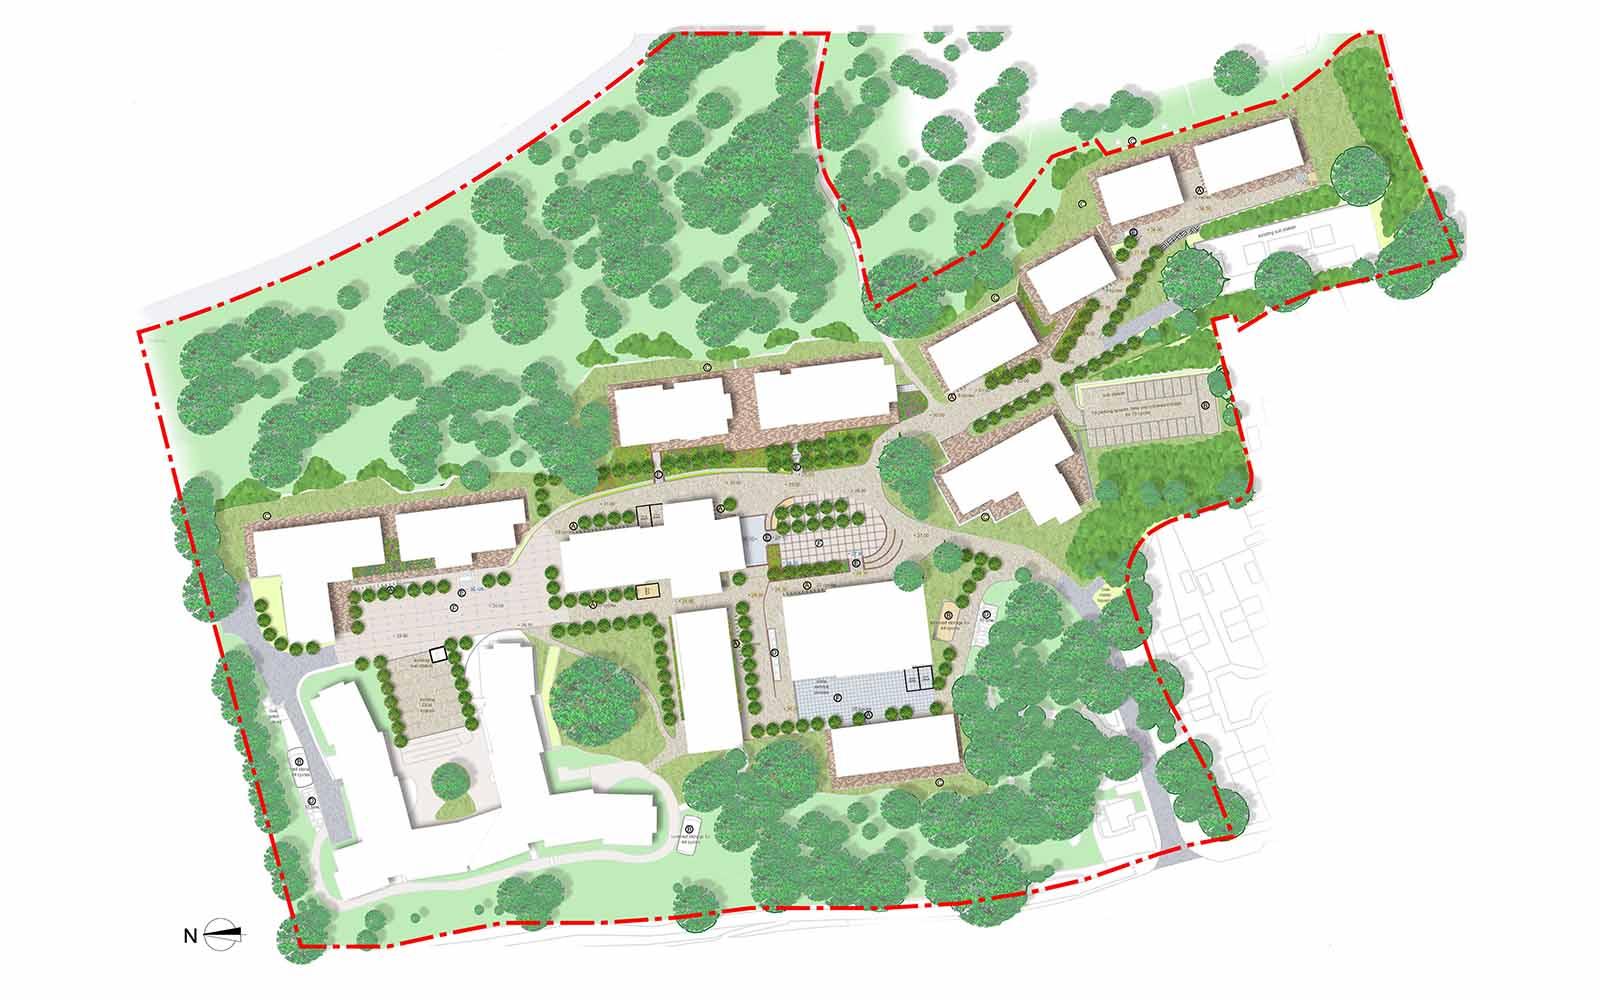 University of Exeter - Birks and Duryard